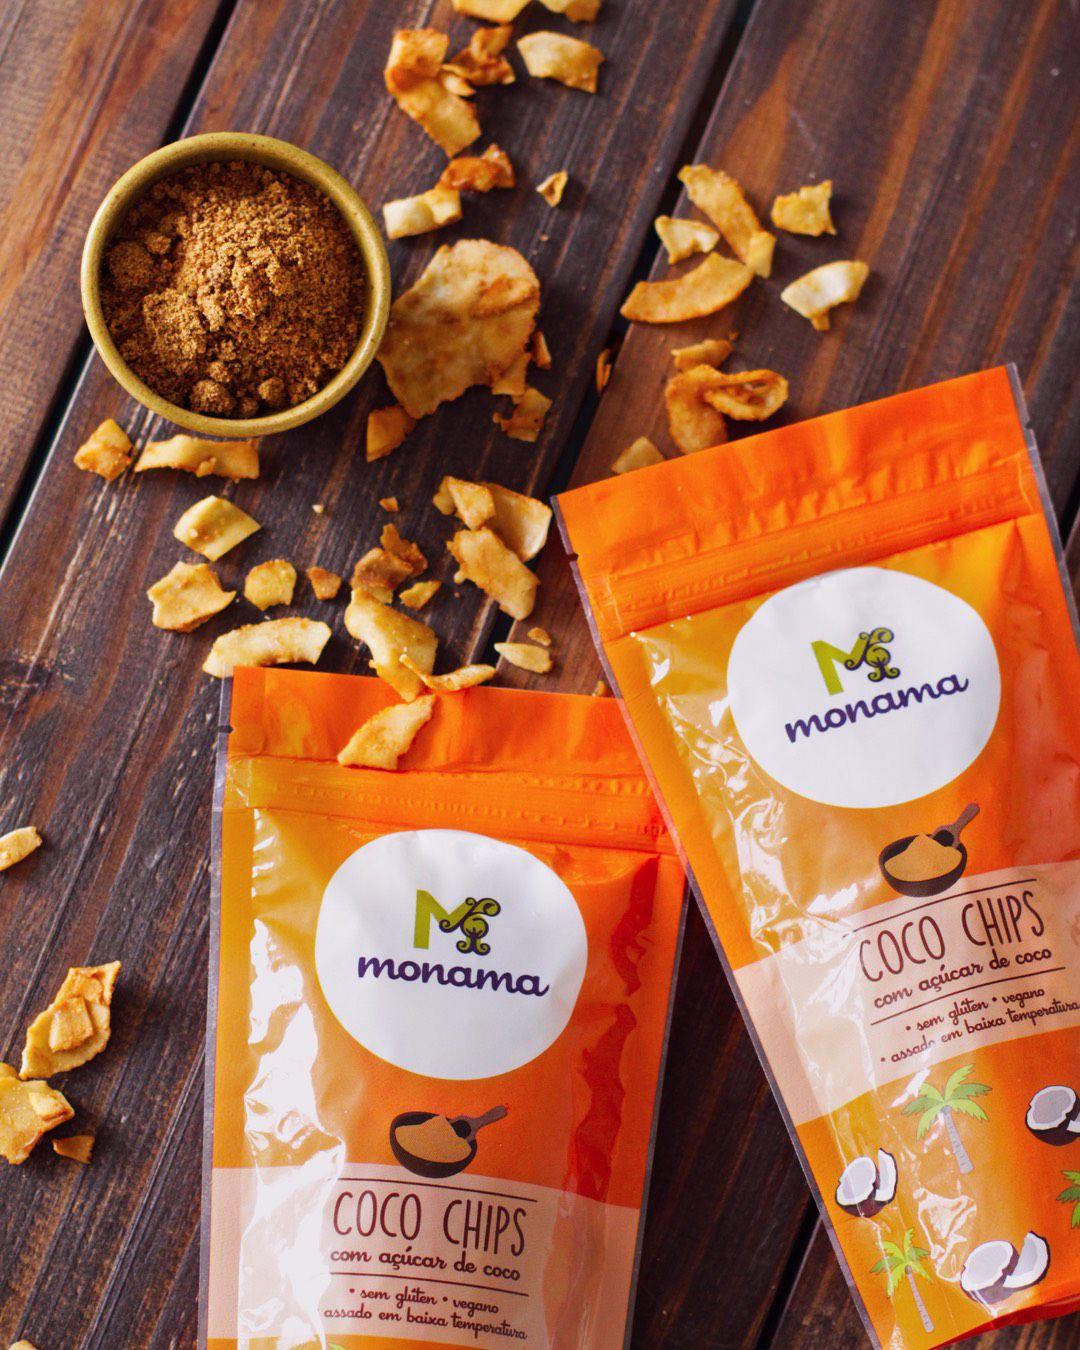 Chips de Coco com Ácúcar de Coco 45g - Monama